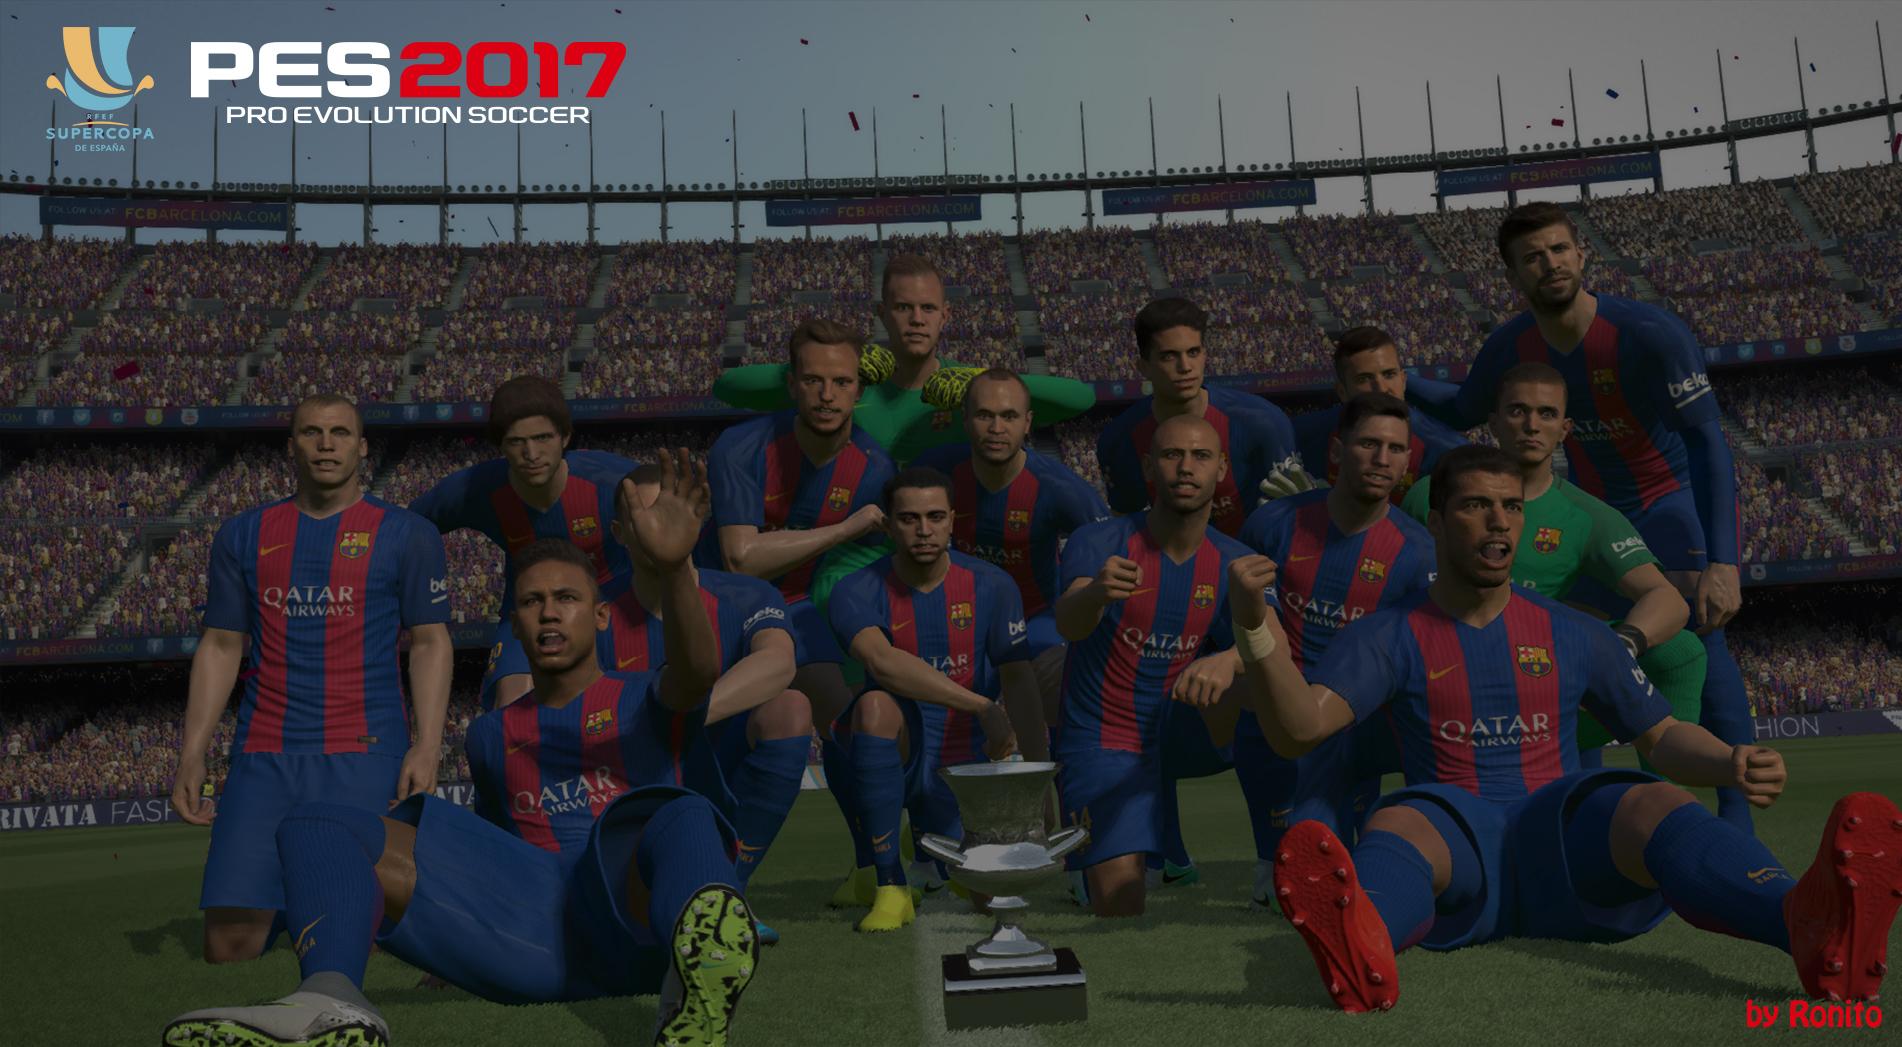 LaLiga & Supercopa de España trophies by Ronito